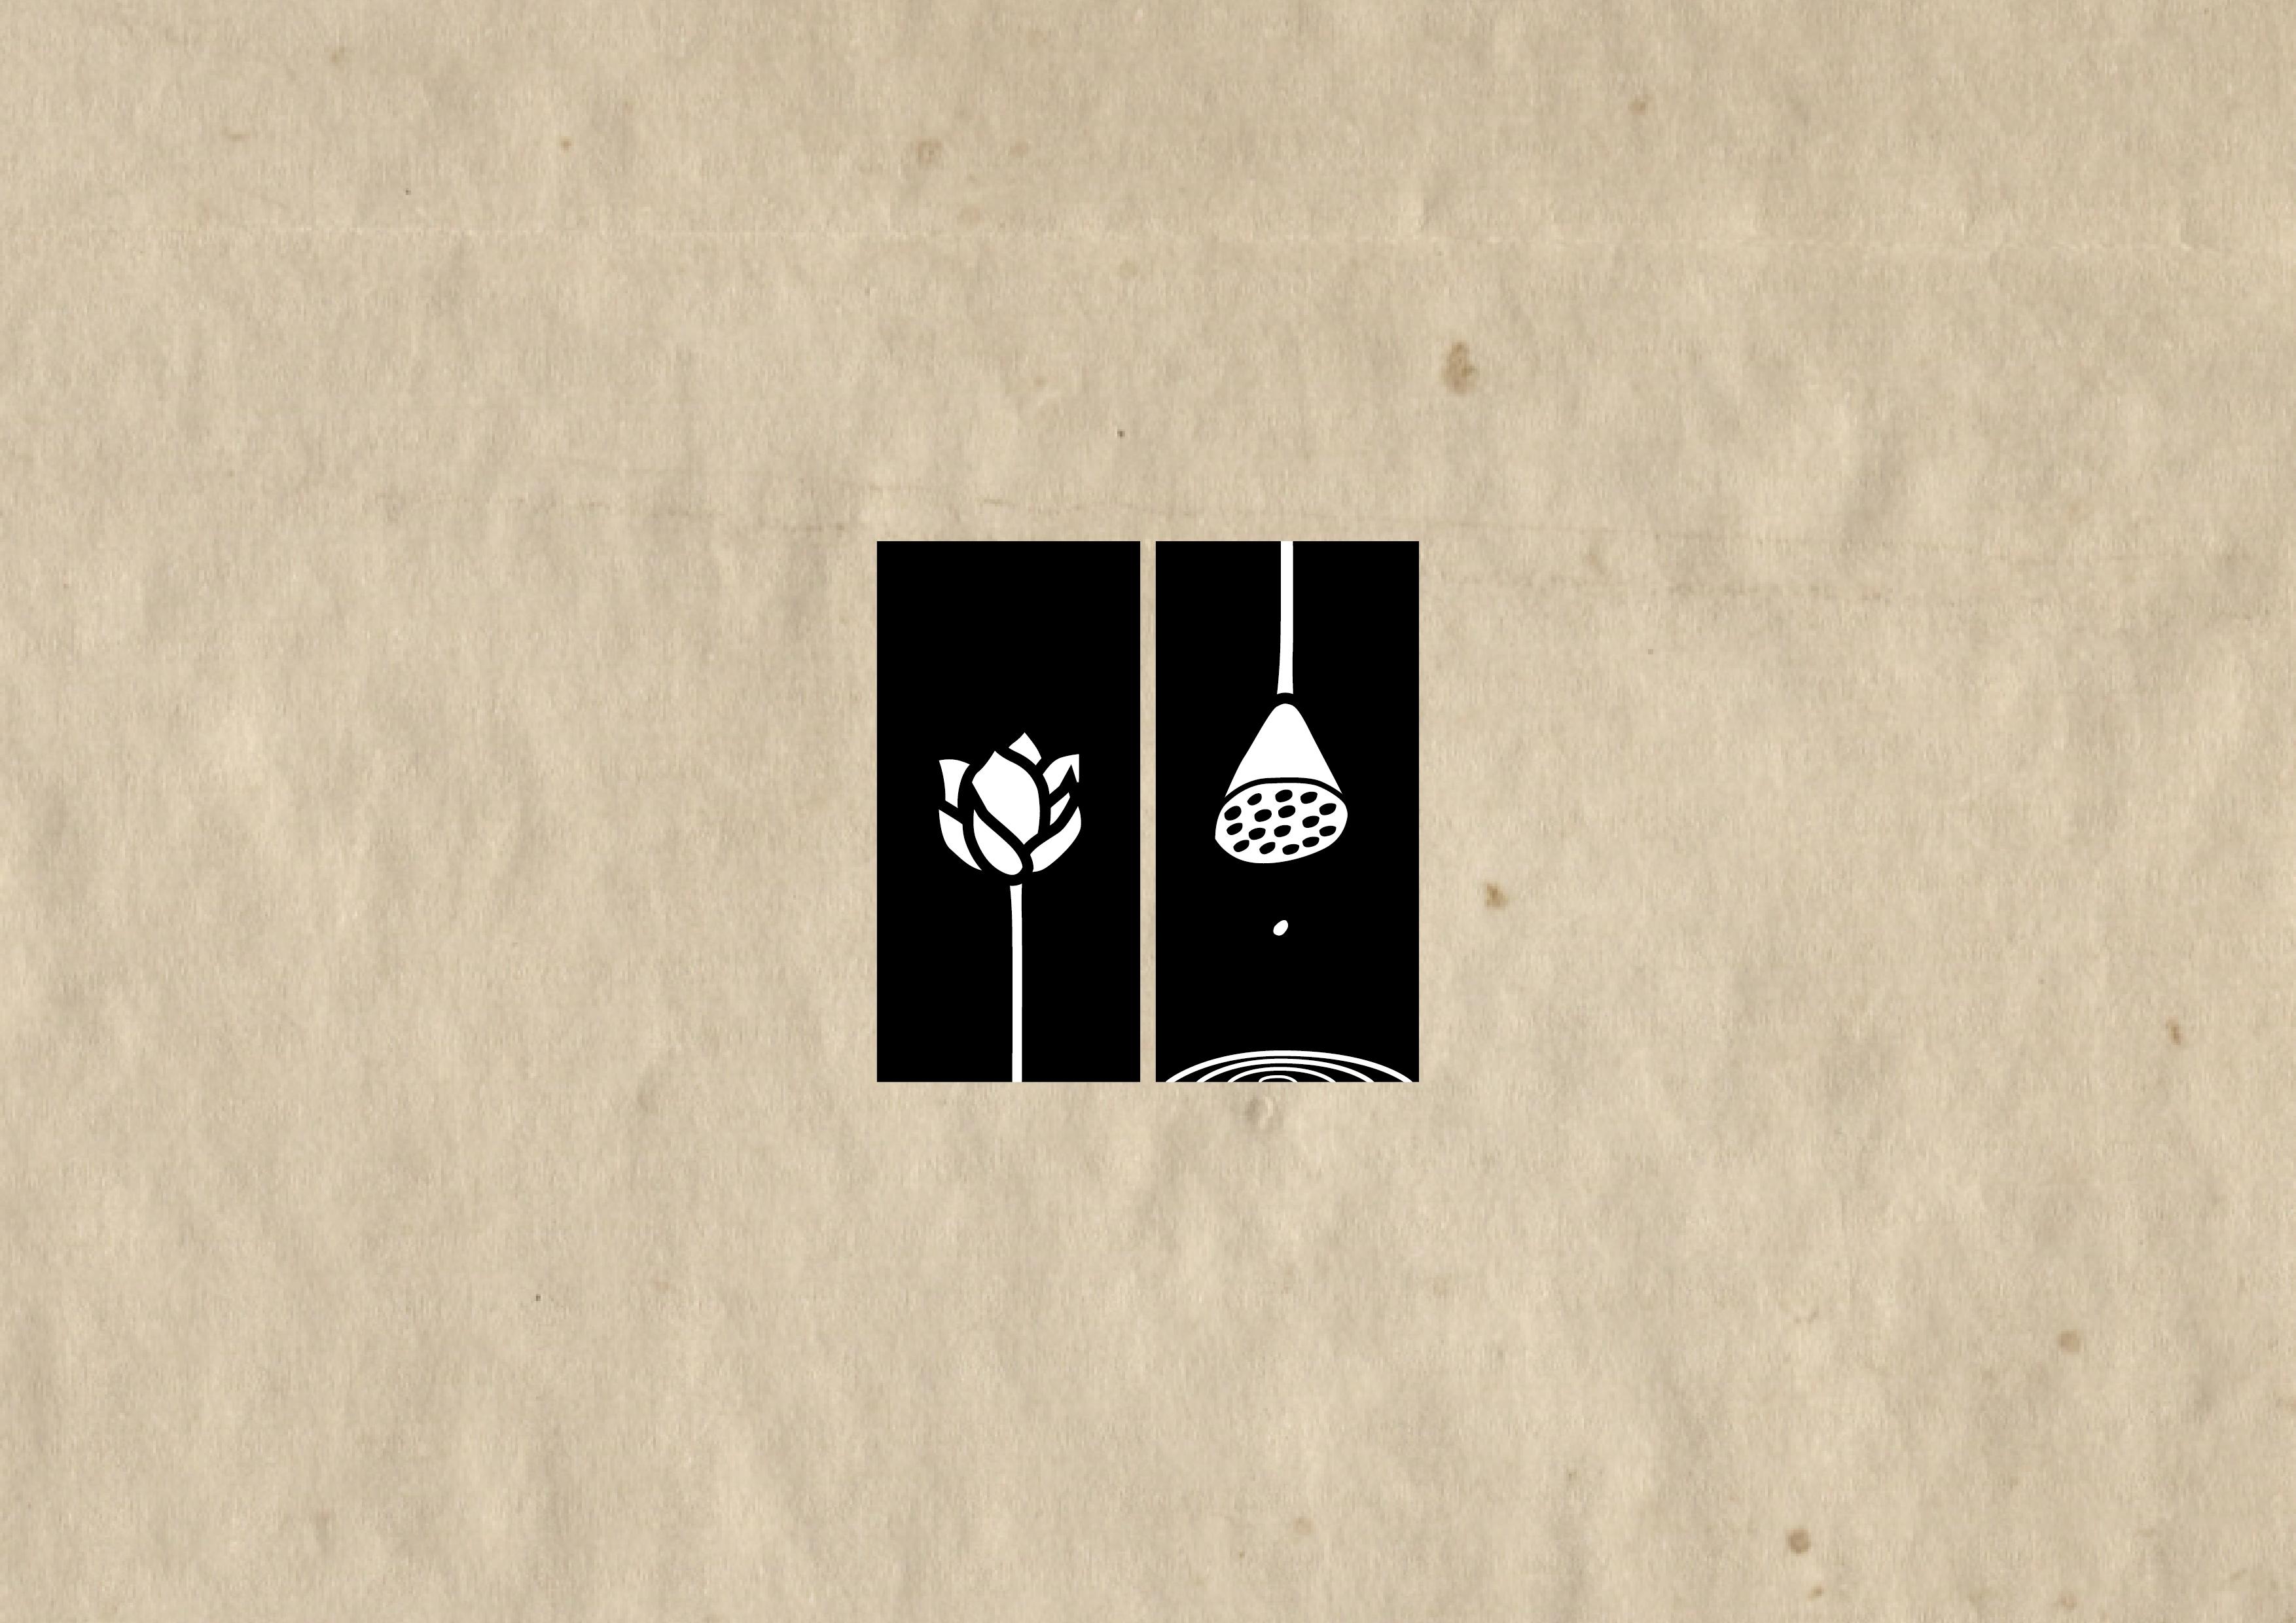 ludogram-logo-05.jpg